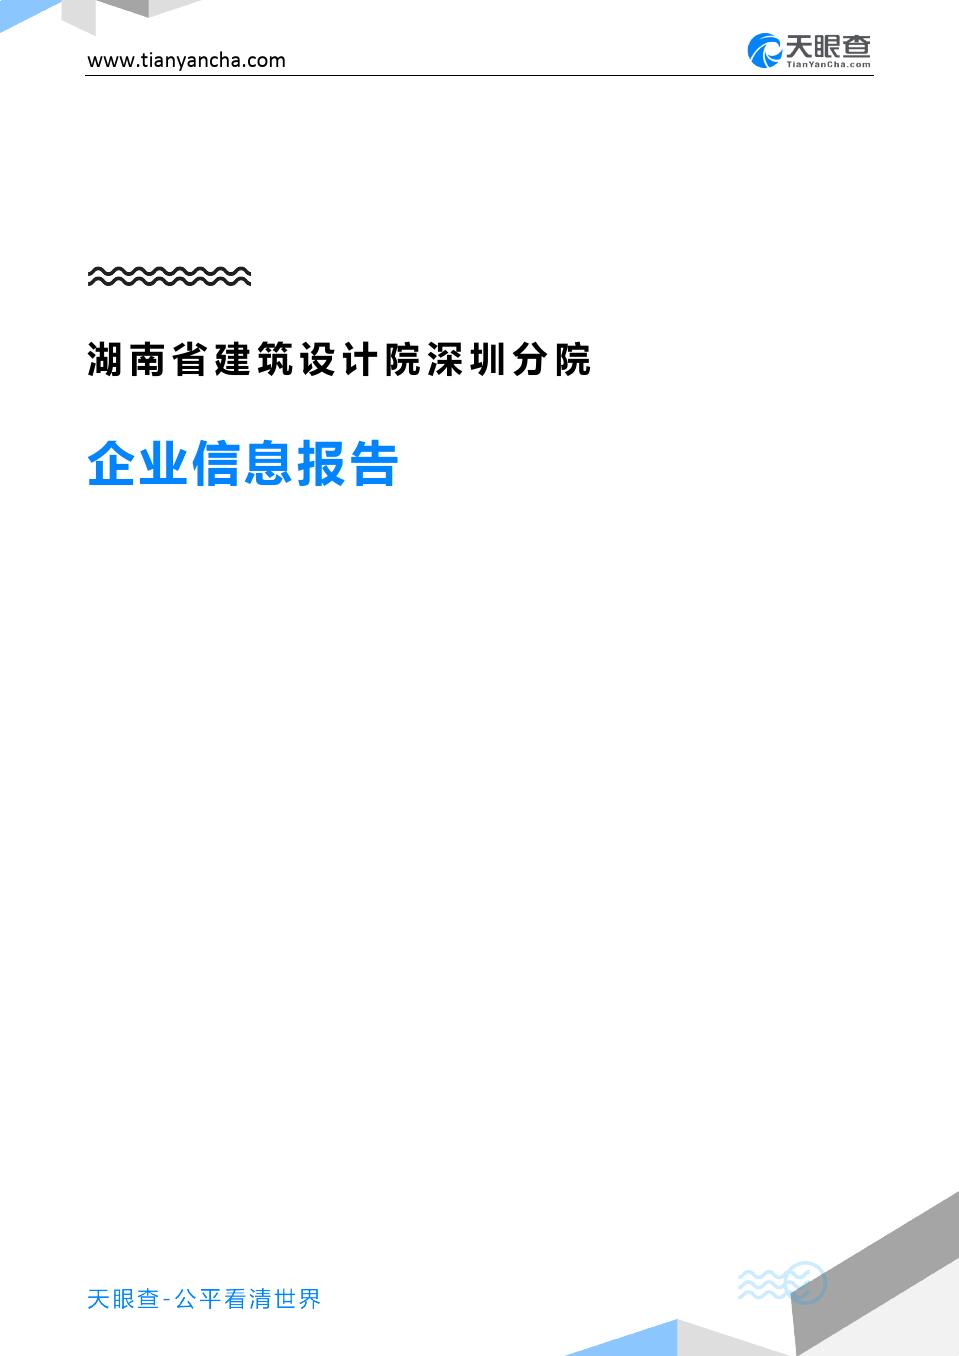 湖南省建筑设计院深圳概念分院企业报告-v概念设计装修信息图片